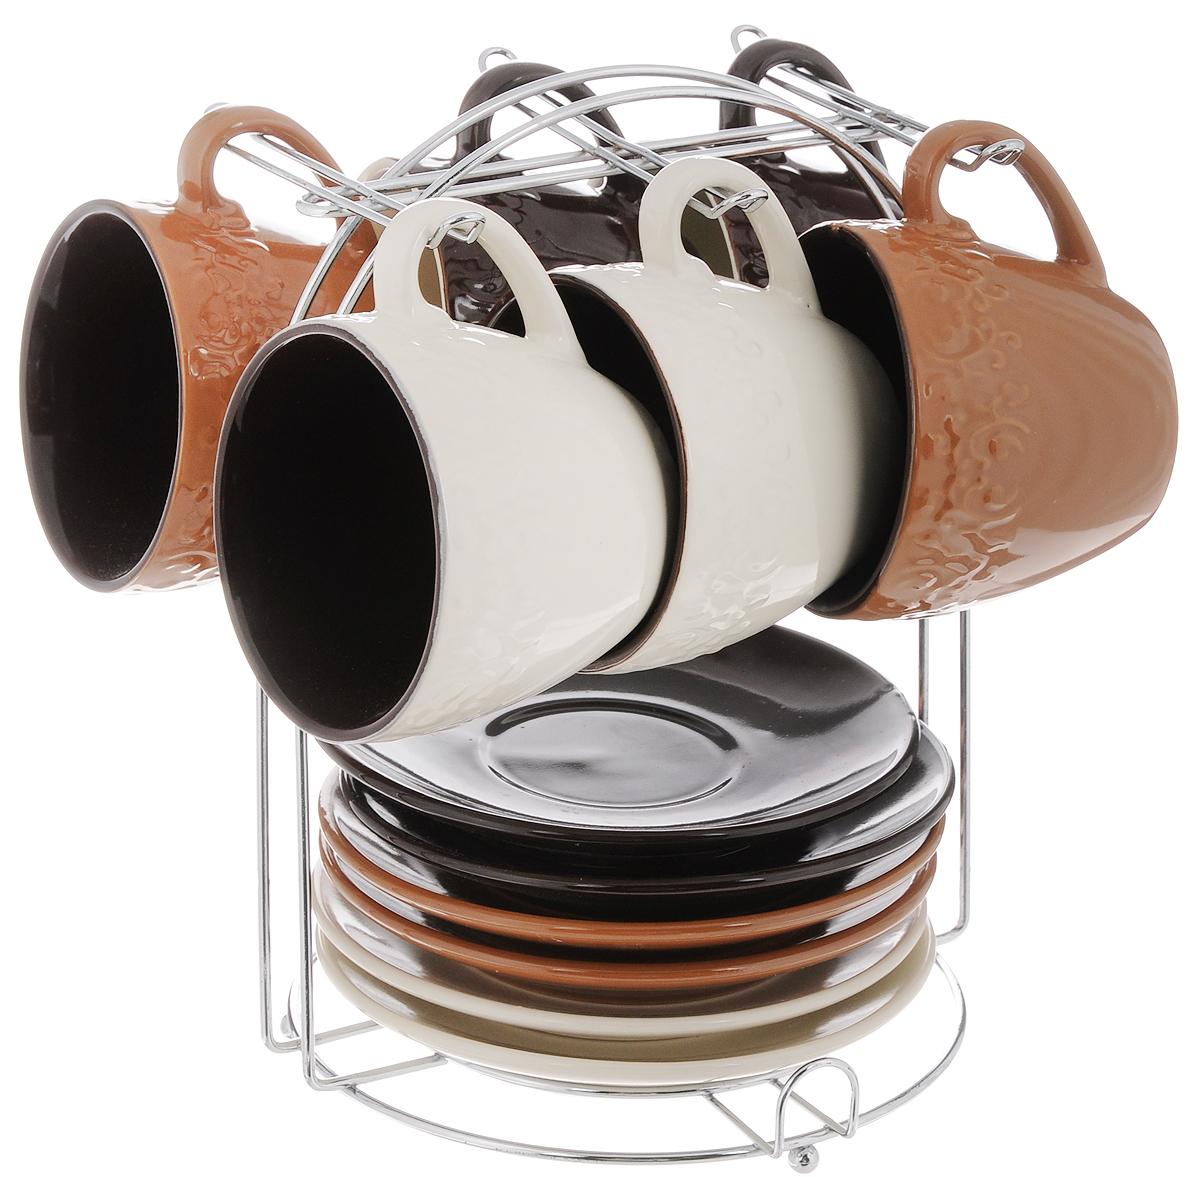 Набор чайный Loraine, на подставке, 13 предметов. 24664VT-1520(SR)Набор Loraine состоит из шести чашек и шести блюдец, изготовленных из высококачественной керамики. Чашки оформлены рельефным узором. Изделия расположены на металлической подставке. Такой набор подходит для подачи чая или кофе.Изящный дизайн придется по вкусу и ценителям классики, и тем, кто предпочитает утонченность и изысканность. Он настроит на позитивный лад и подарит хорошее настроение с самого утра. Чайный набор Loraine - идеальный и необходимый подарок для вашего дома и для ваших друзей в праздники.Можно мыть в посудомоечной машине. Объем чашки: 220 мл. Диаметр чашки (по верхнему краю): 8,3 см. Высота чашки: 7,3 см. Диаметр блюдца: 14 см. Размер подставки: 17 х 17 х 22 см.